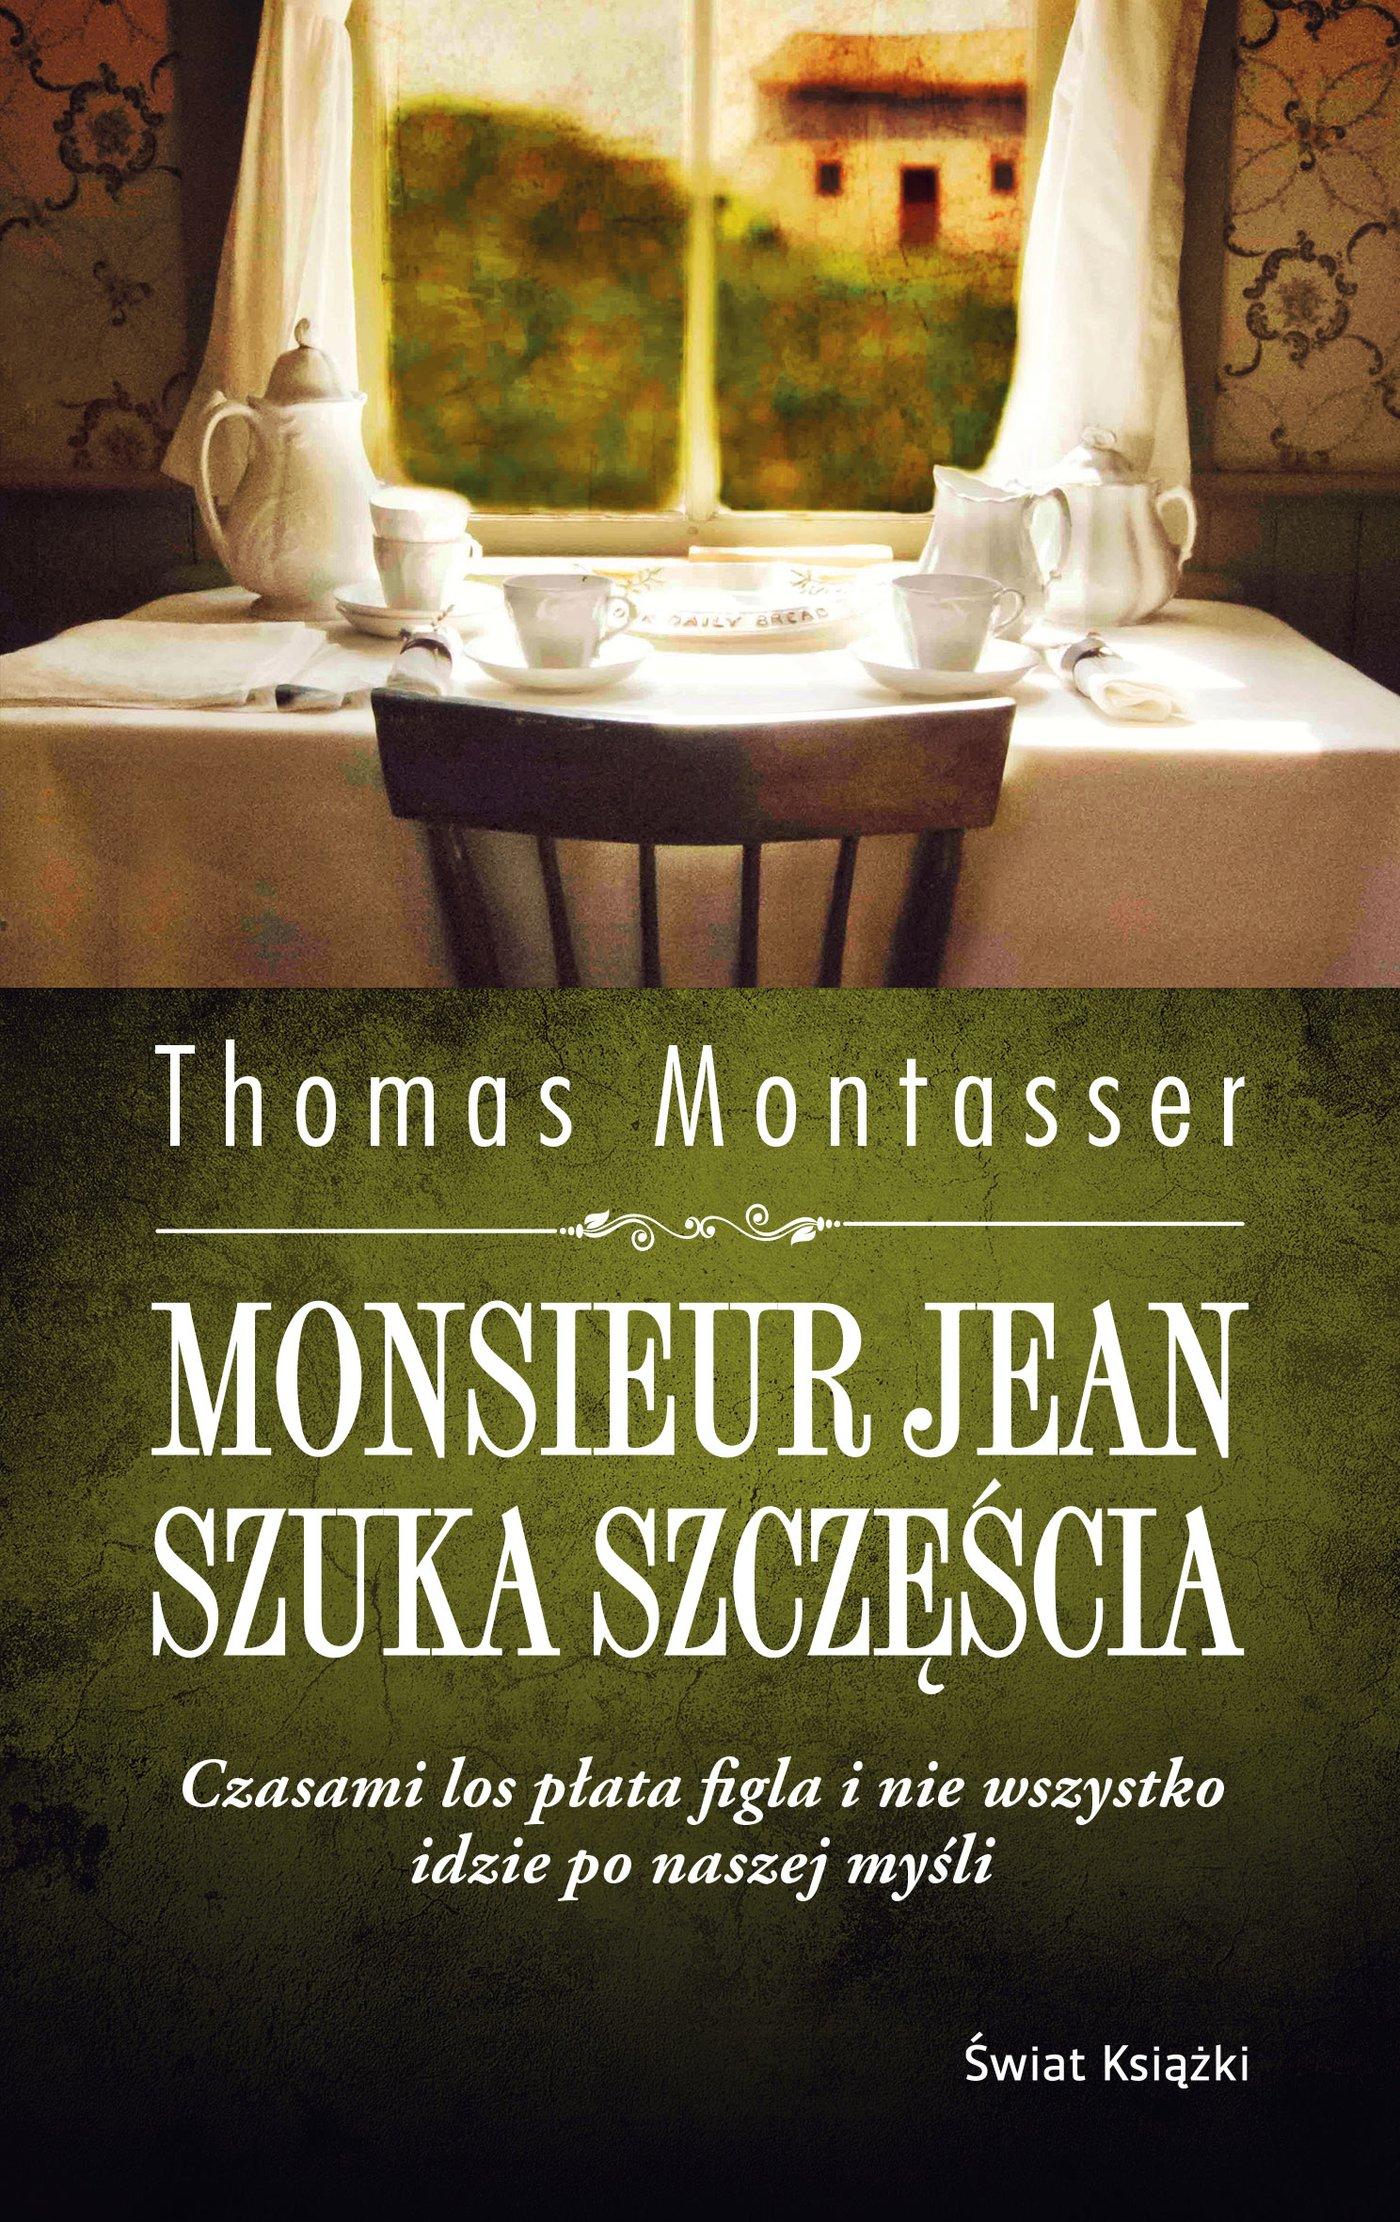 Monsieur Jean szuka szczęścia - Ebook (Książka na Kindle) do pobrania w formacie MOBI